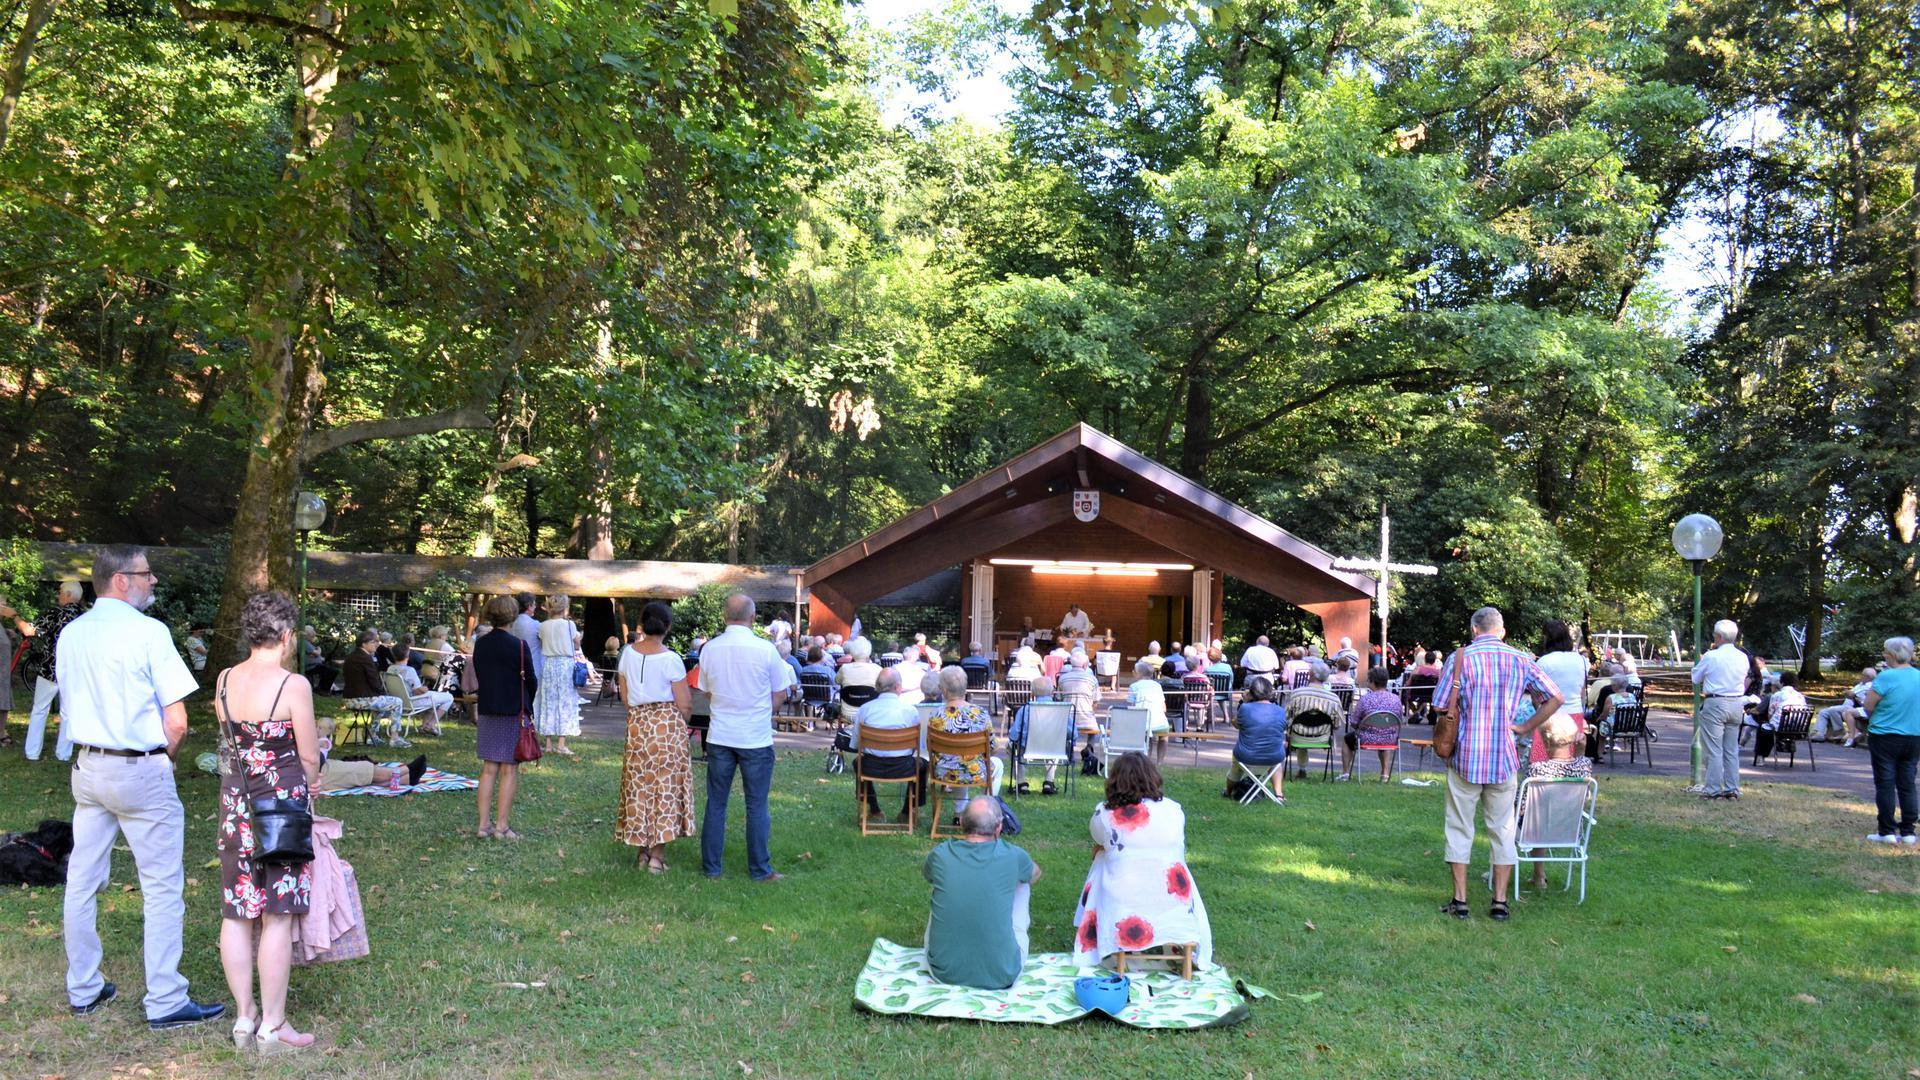 Gottesdienst im Kurpark in Bad Rotenfels: Vor der Konzertmuschel versammeln sich die Gläubigen zum wöchentlichen Gottesdienst der Seelsorgeeinheit Gaggenau am Sonntagmorgen.